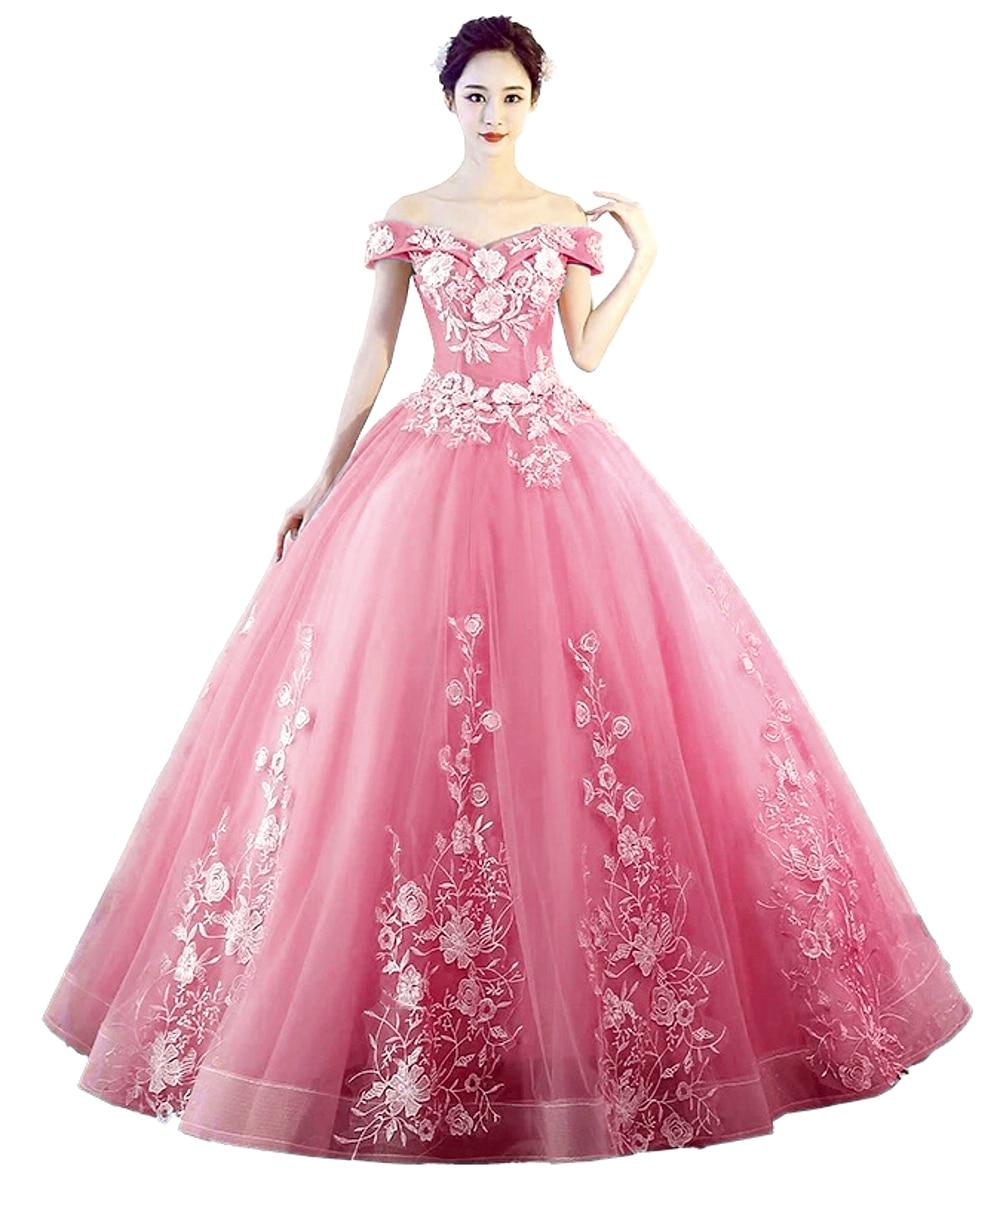 2021 novo cameo brown quinceanera vestidos tule com apliques de renda vestido baile masquerade doce 16 vestidos de 15 anos